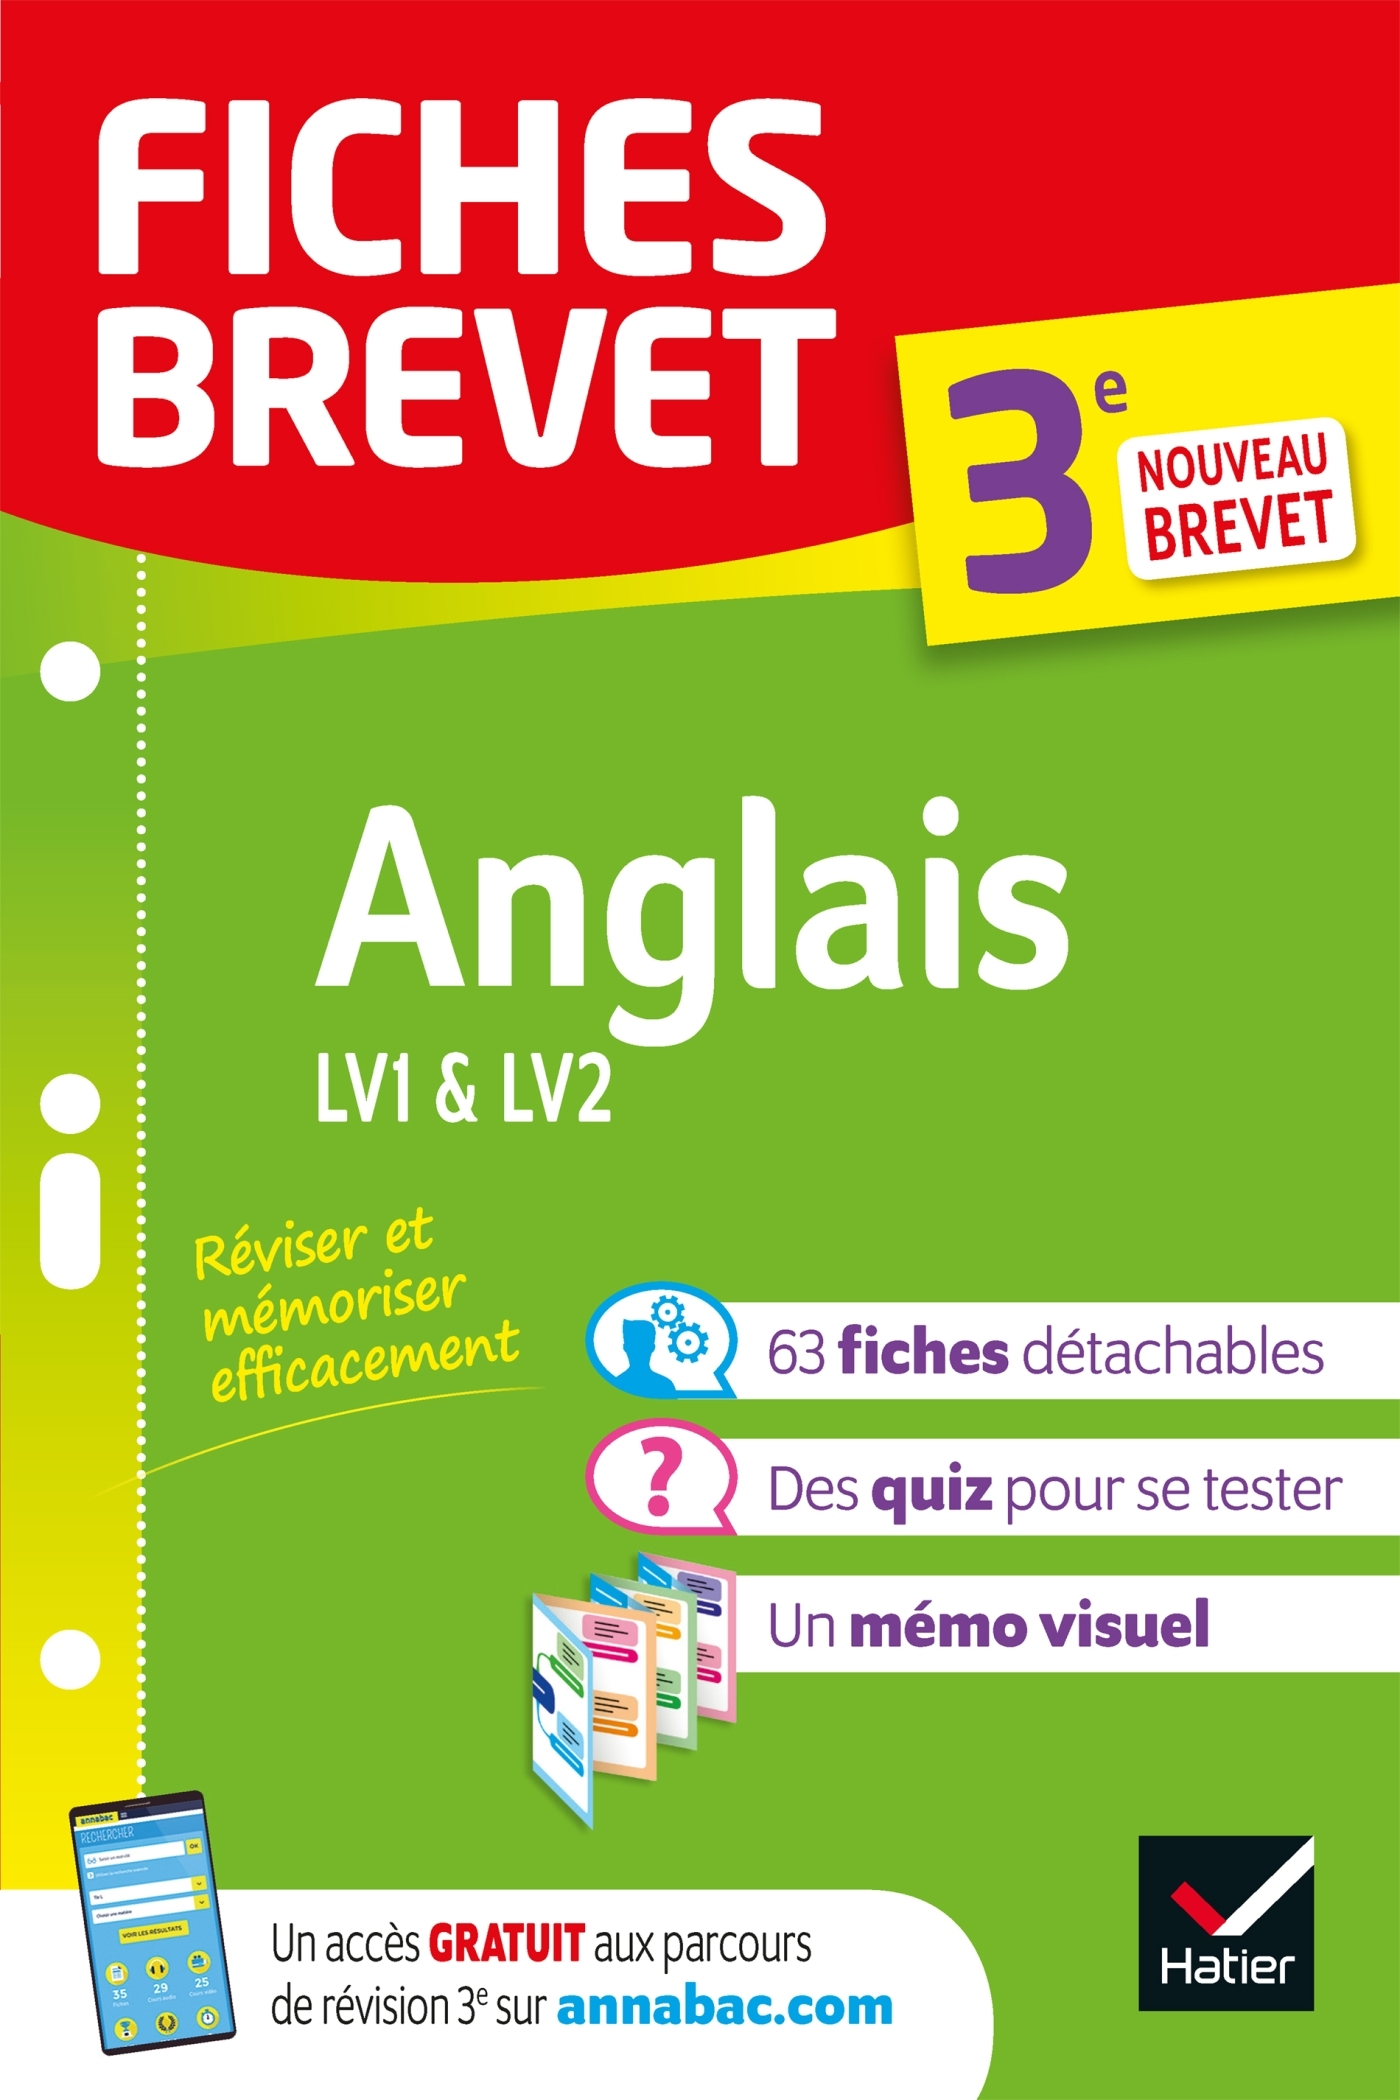 FICHES BREVET ANGLAIS 3E - FICHES DE REVISION POUR LE NOUVEAU BREVET